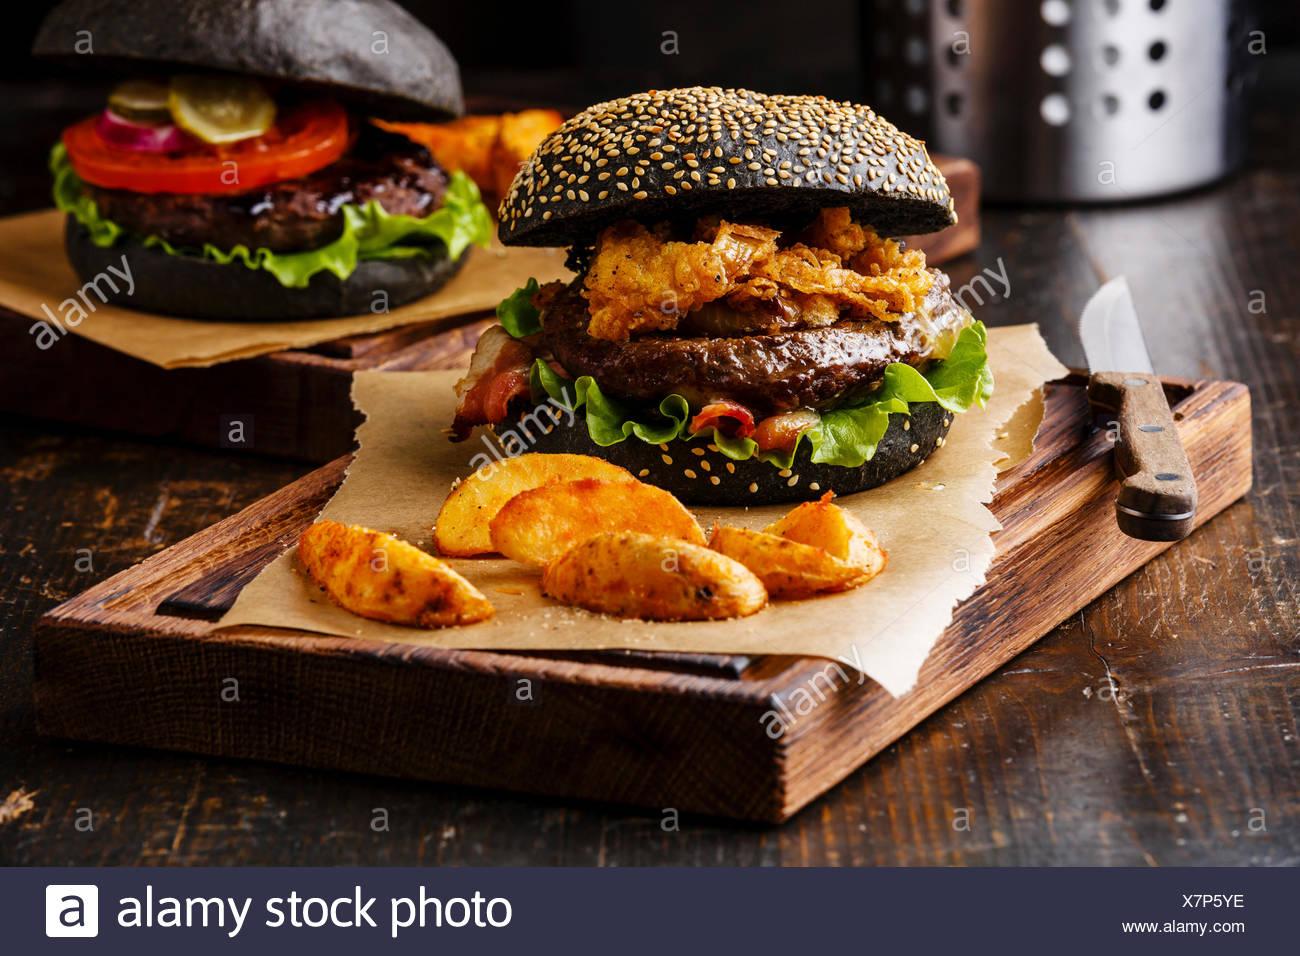 Schwarzen Burger mit Sesam Samen Brötchen Fleisch Speck Zwiebeln Pommes frites, Ringe und Kartoffelspalten auf dunklem Holz Stockfoto